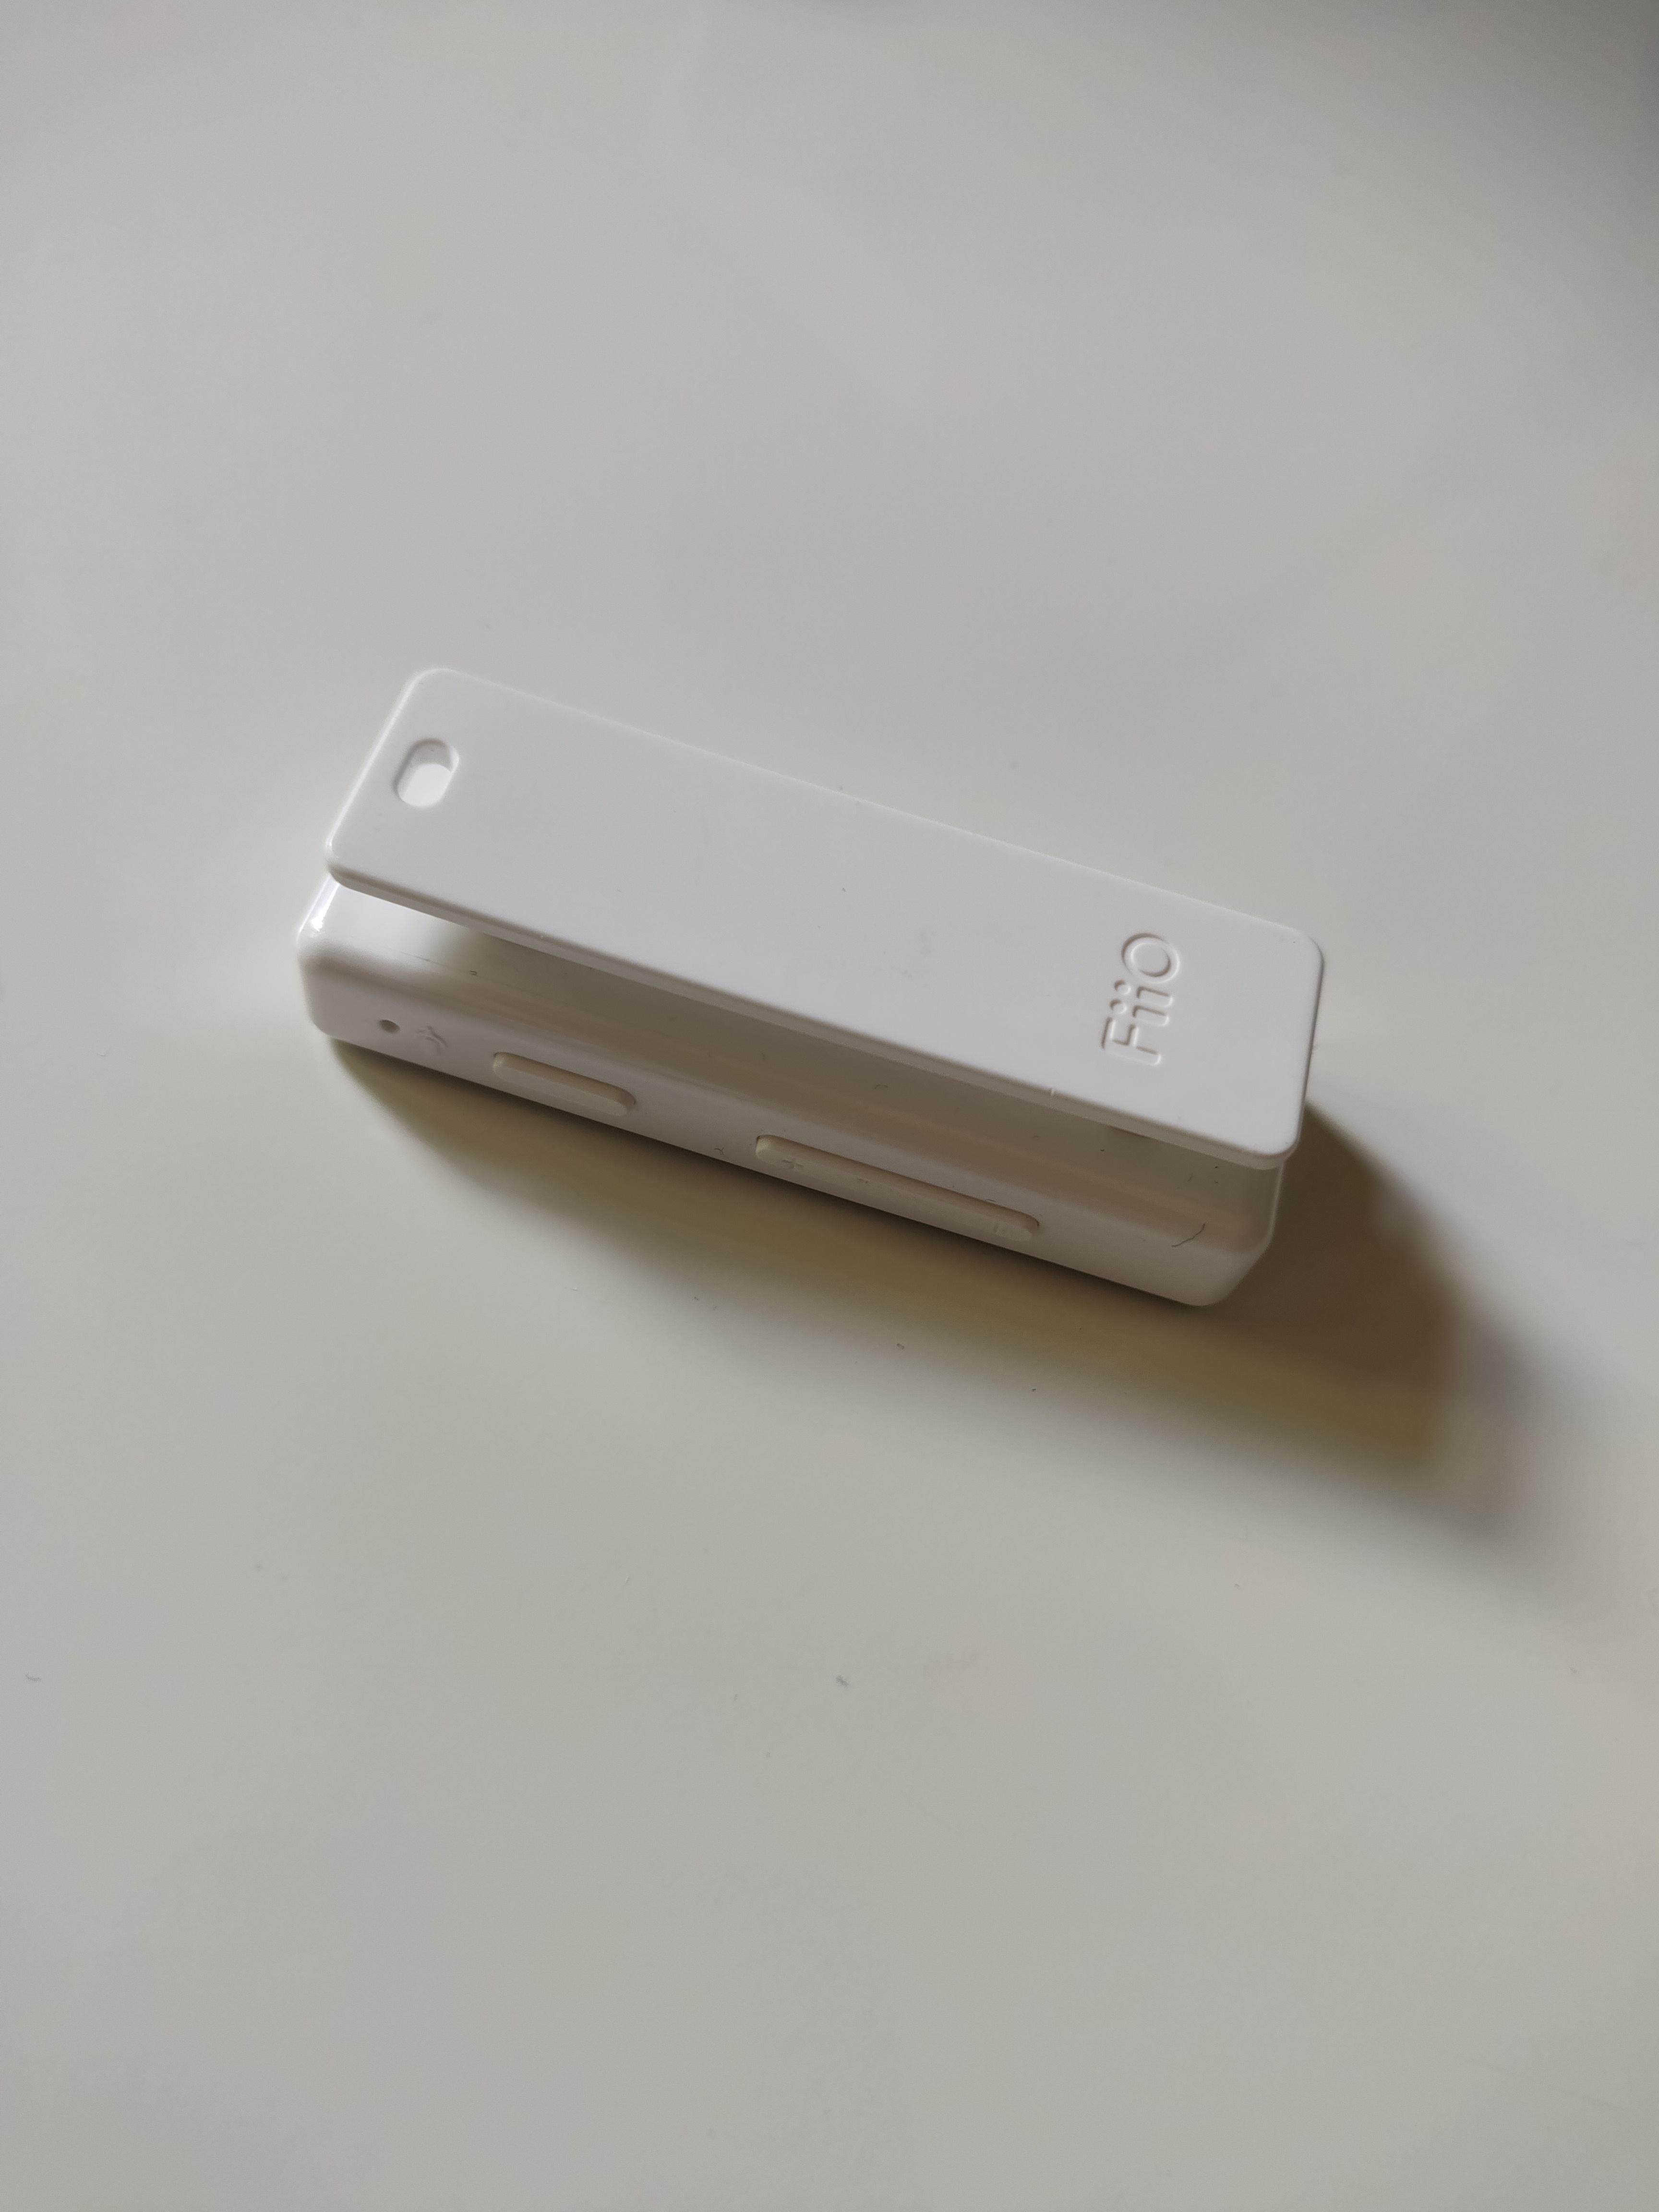 SOLD: FiiO uBTR bluetooth receiver   Headphone Reviews and